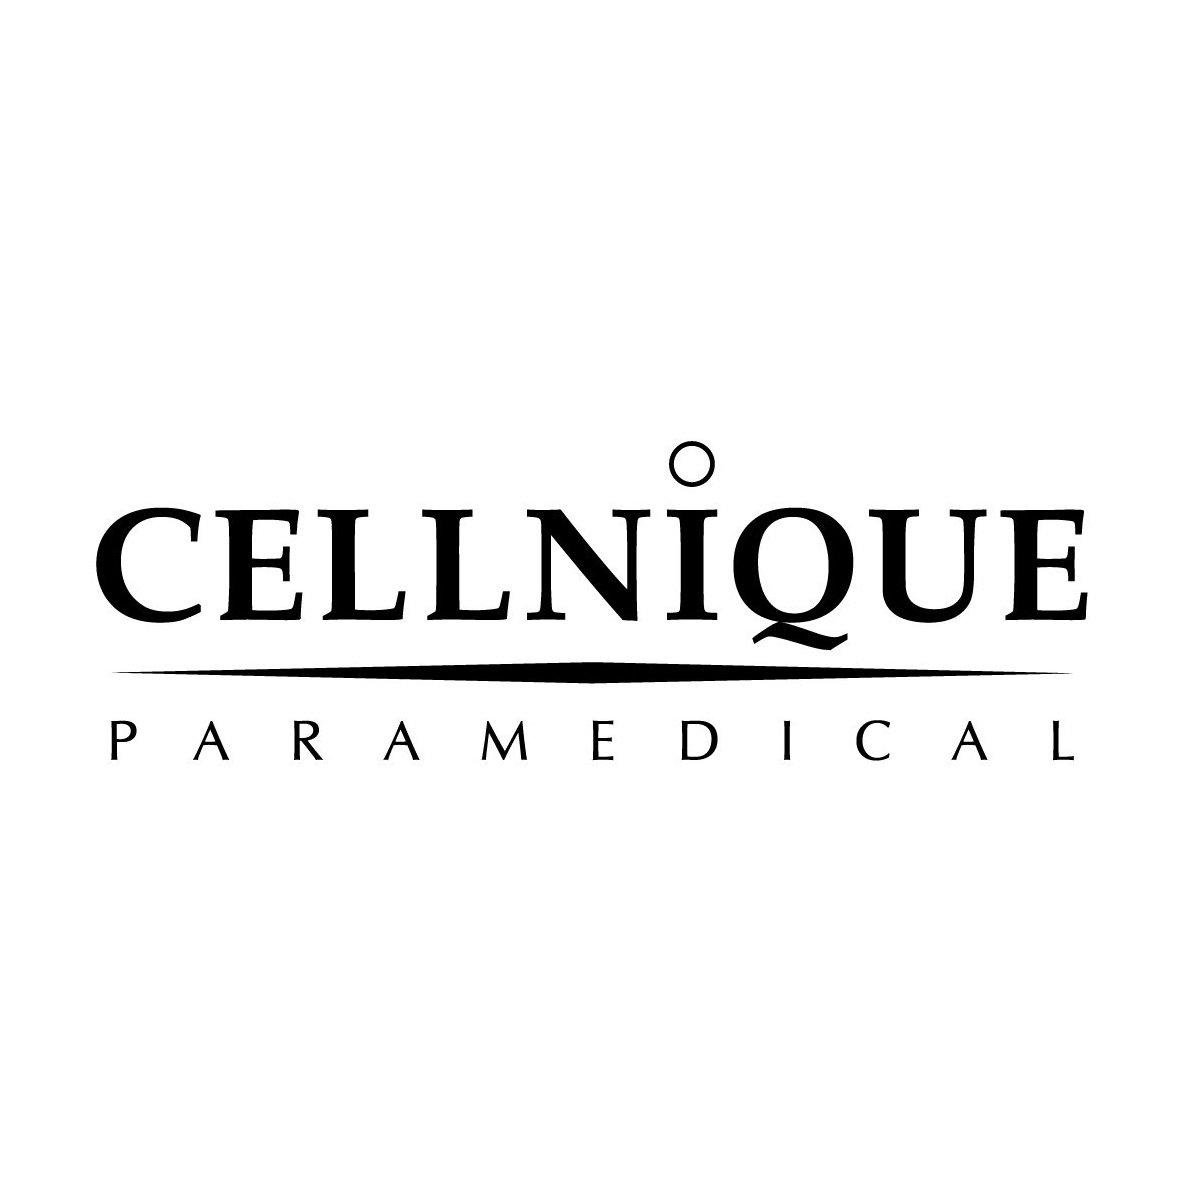 Cellnique